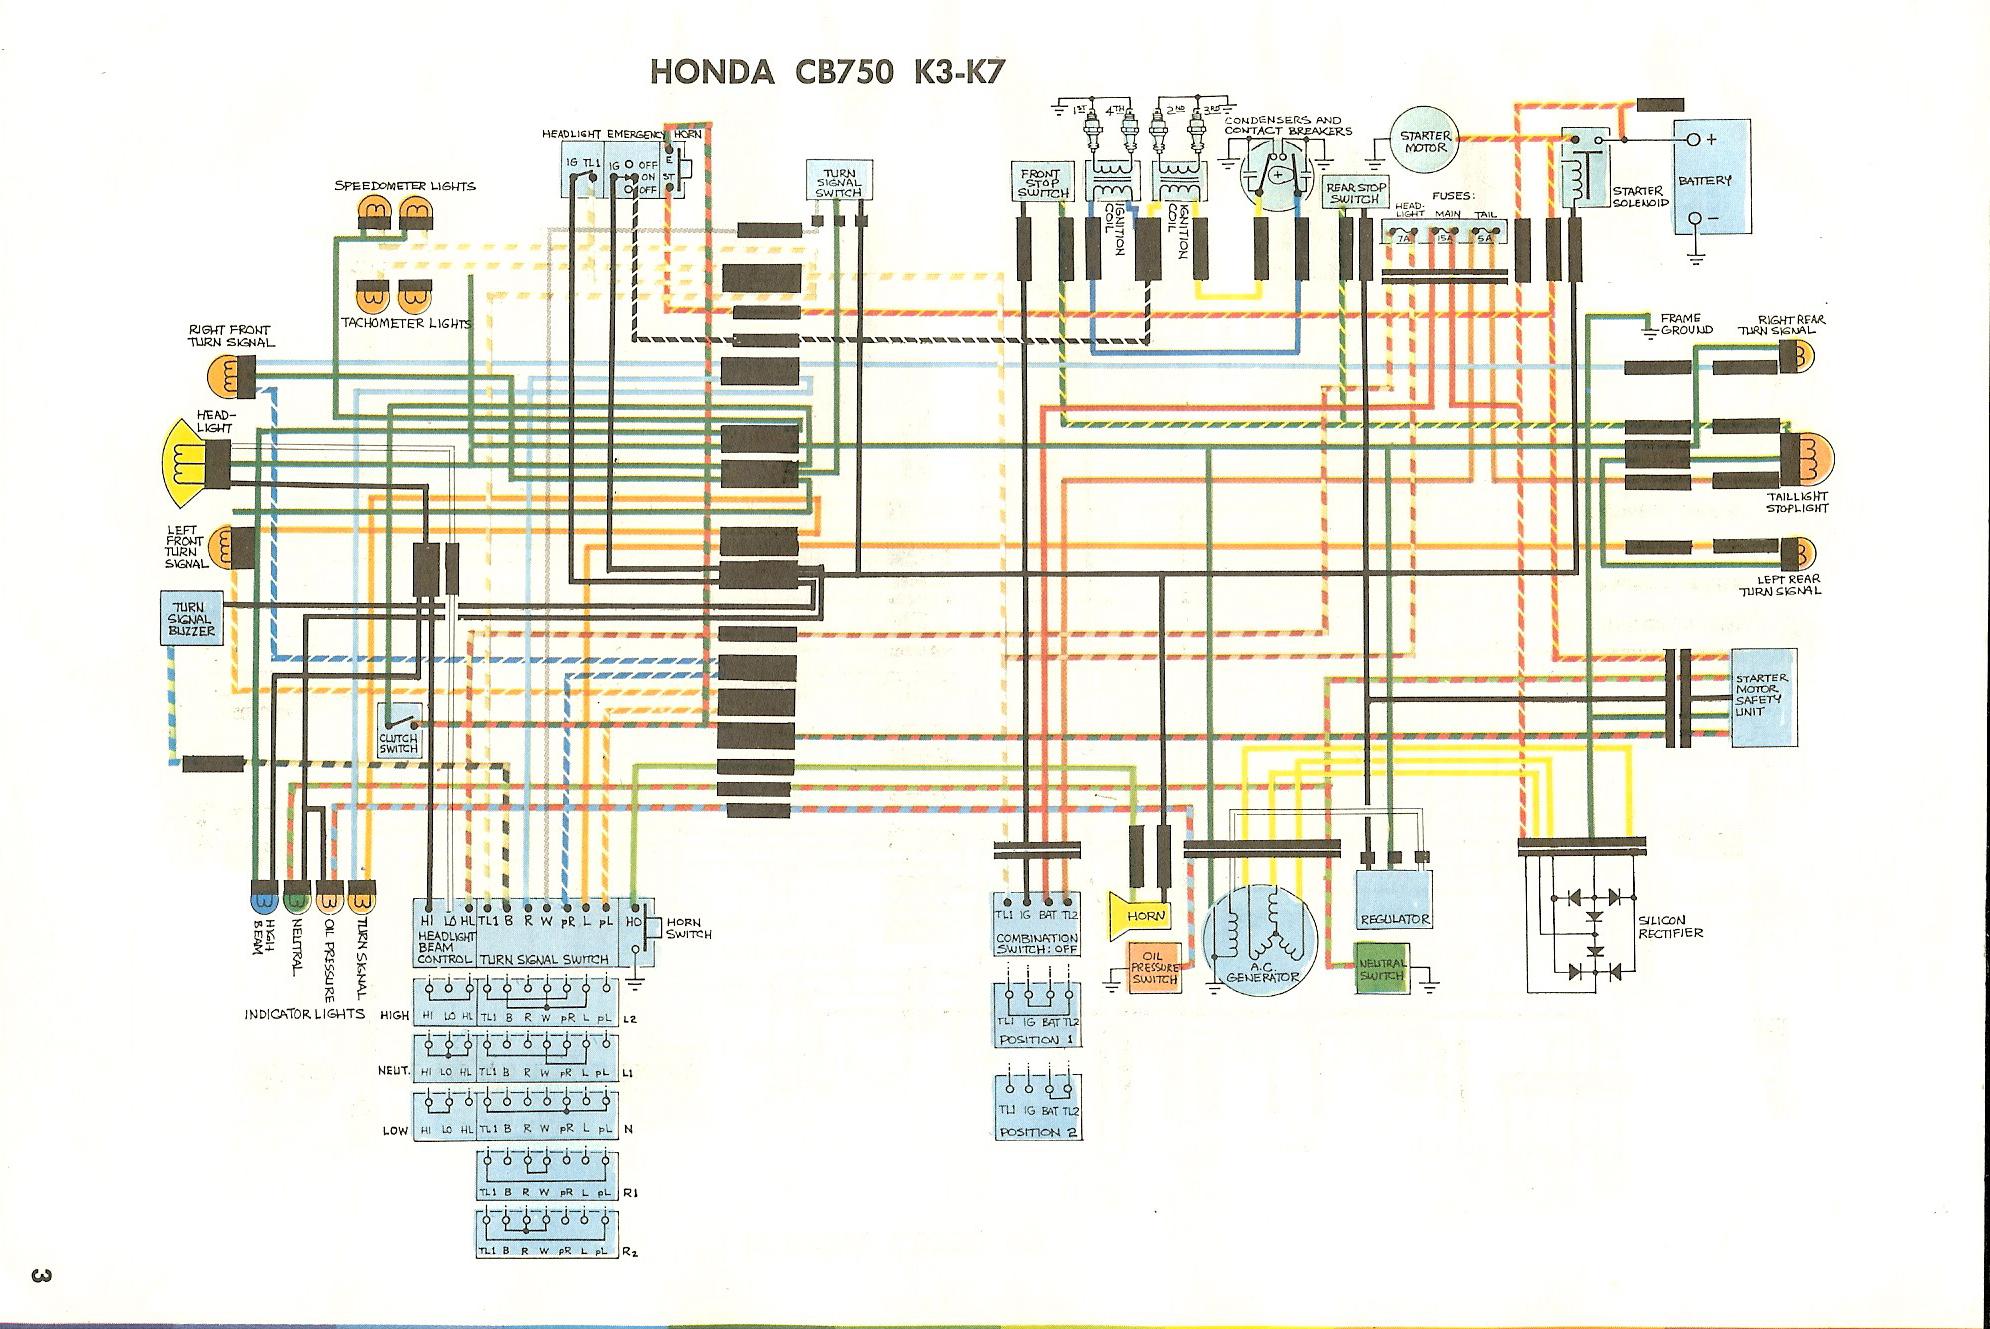 Cb500k Wiring Diagram - wiring diagrams schematicswiring diagrams schematics